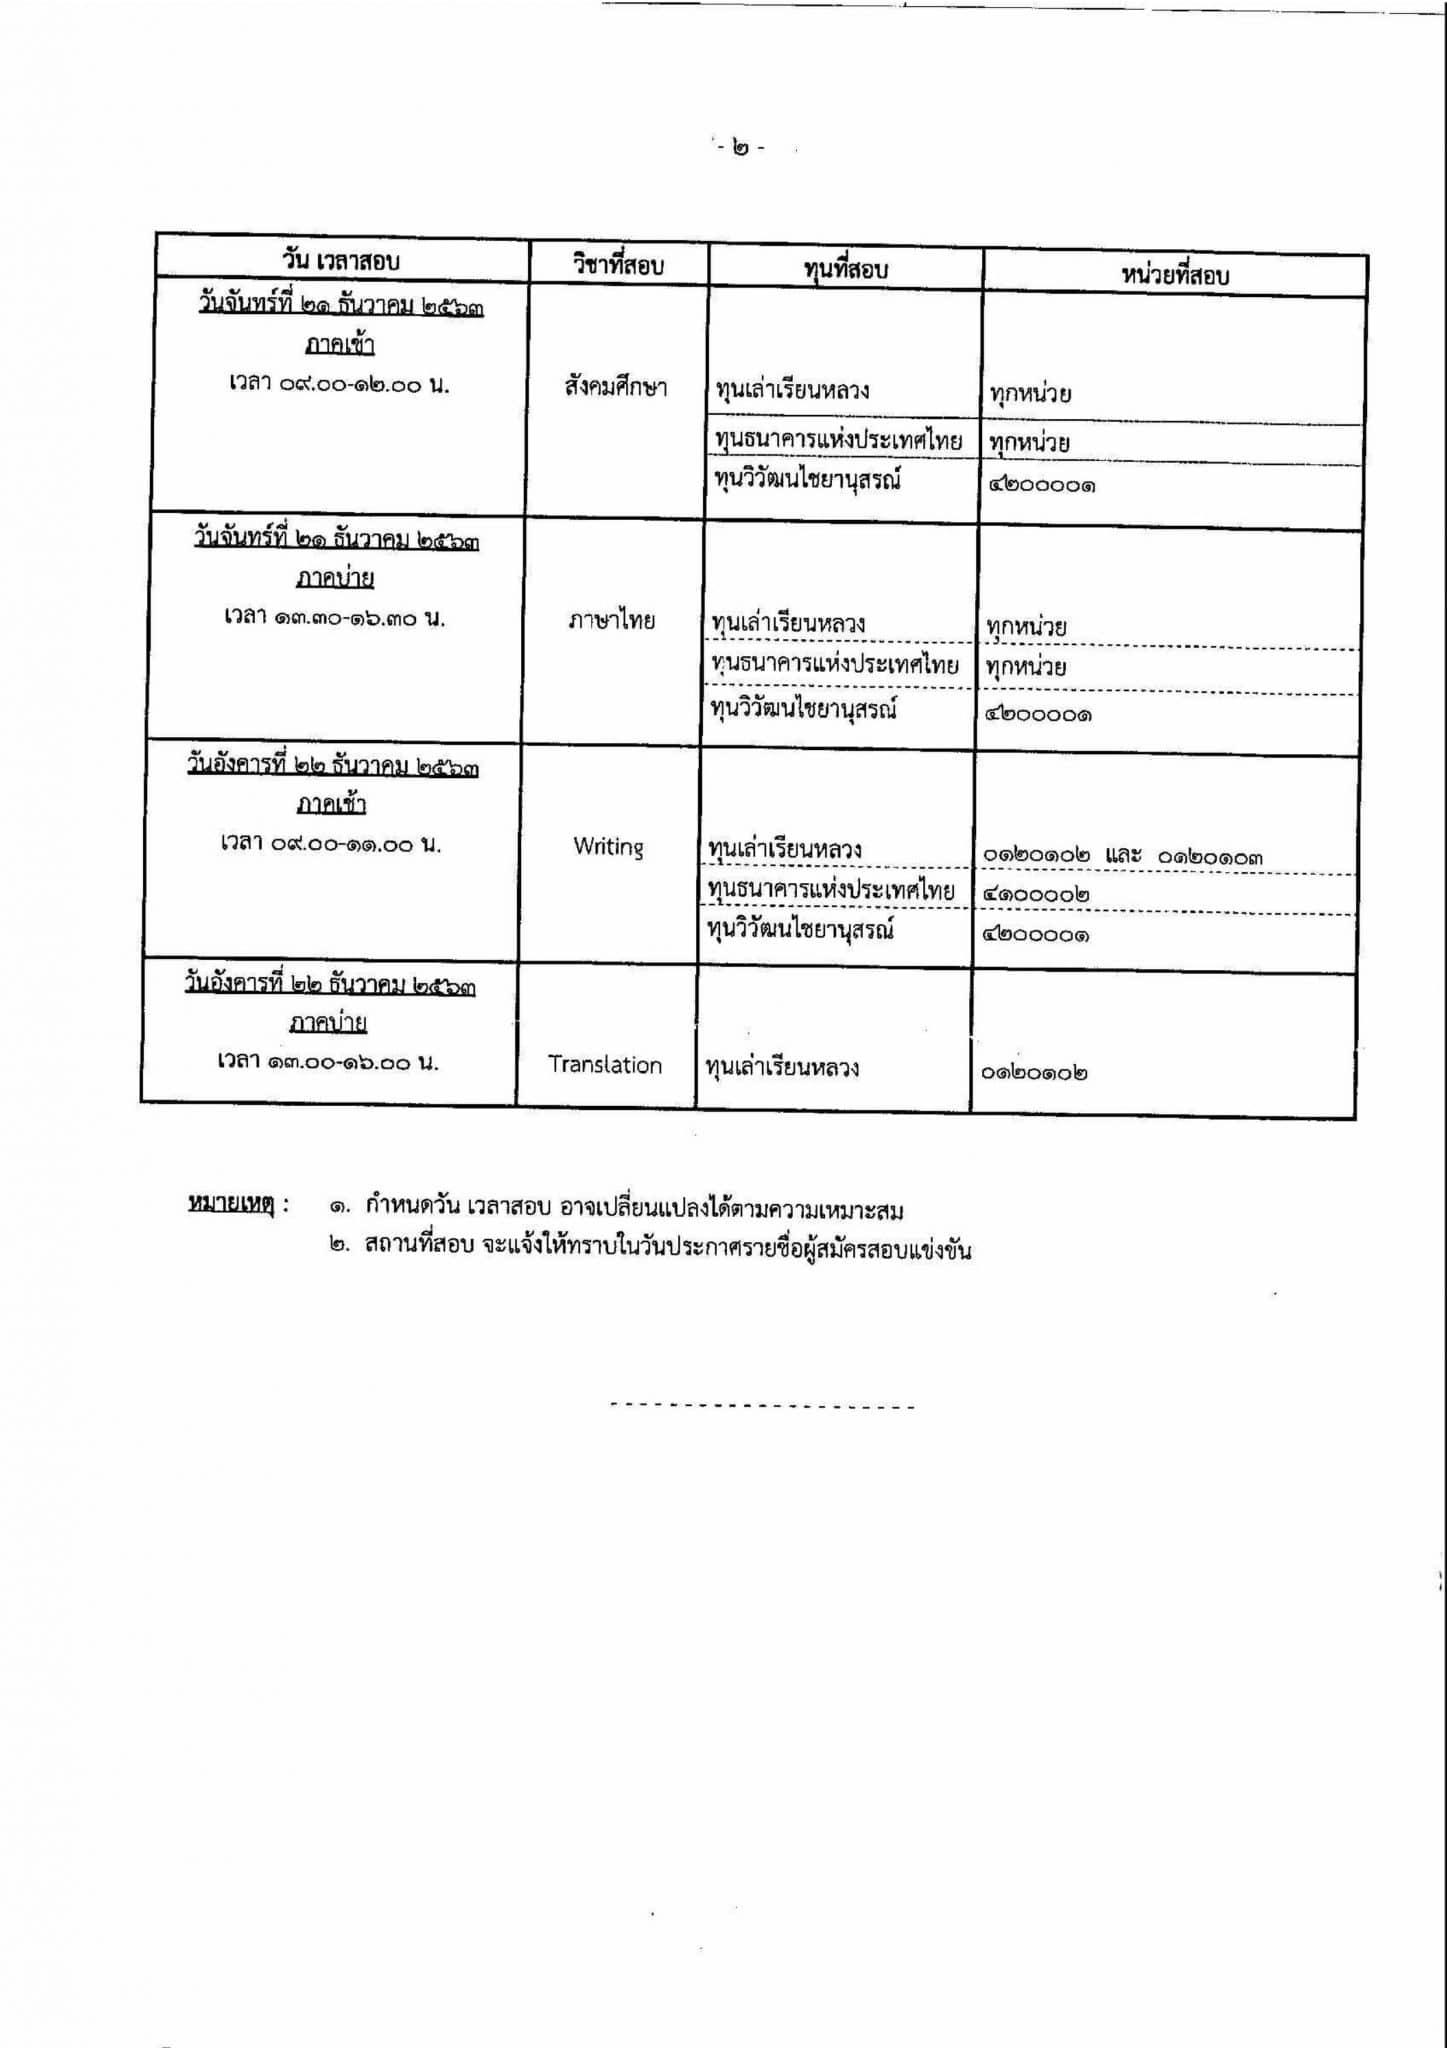 สํานักงาน ก.พ. รับสมัครสอบแข่งขันเพื่อรับทุนรัฐบาลฯ ปี ๒๕๖๔ (ทุนระดับมัธยมศึกษาตอนปลาย) ซึ่งจะเปิดรับสมัครระหว่างวันที่ ๑๔ ตุลาคม - ๕ พฤศจิกายน ๒๕๖๓